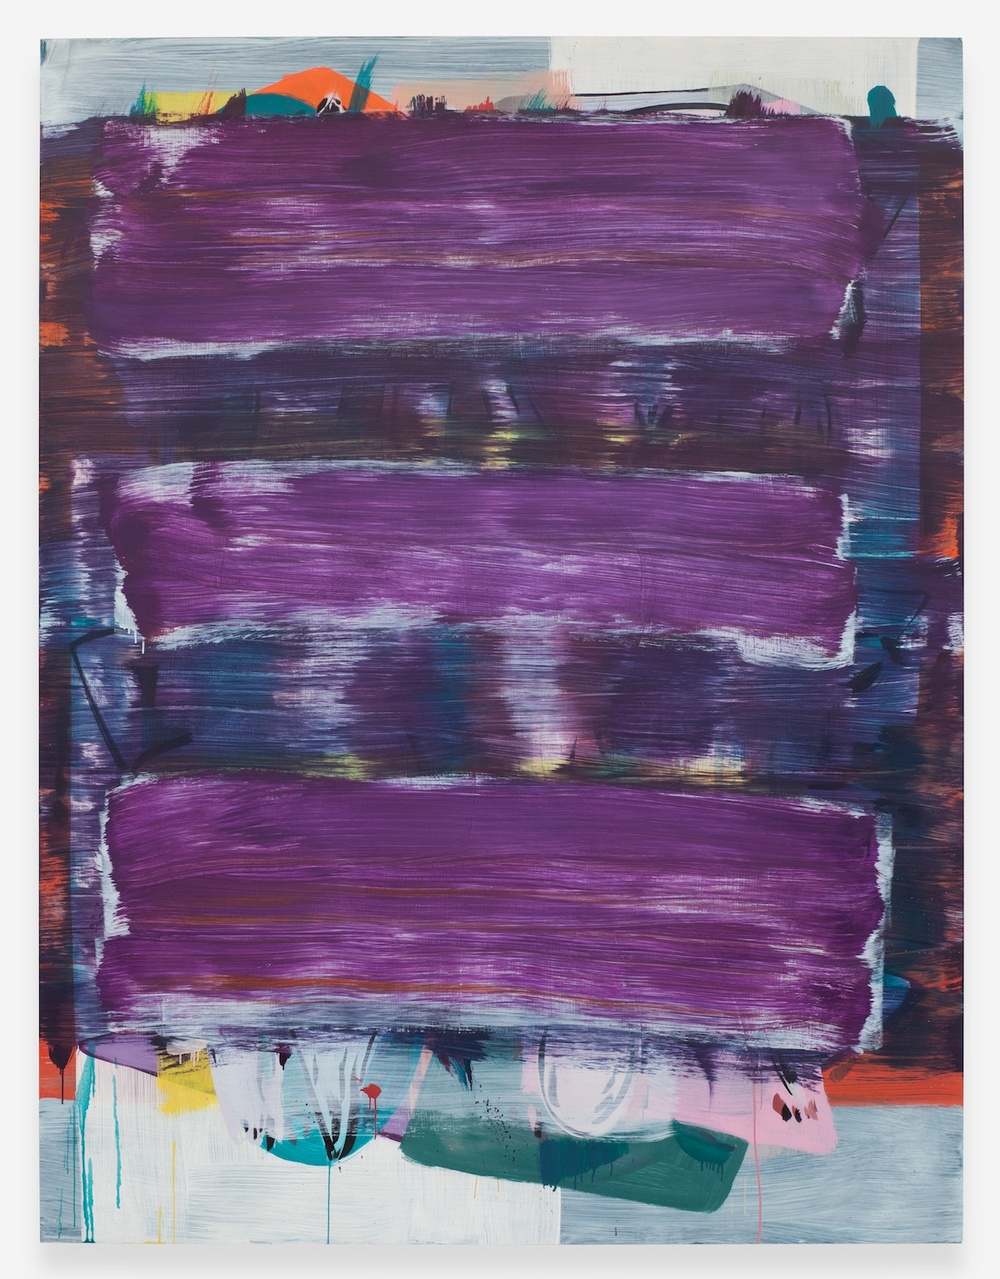 """Jon Pestoni Room for Error 2013 Oil on canvas 78"""" x 60"""" JP131"""